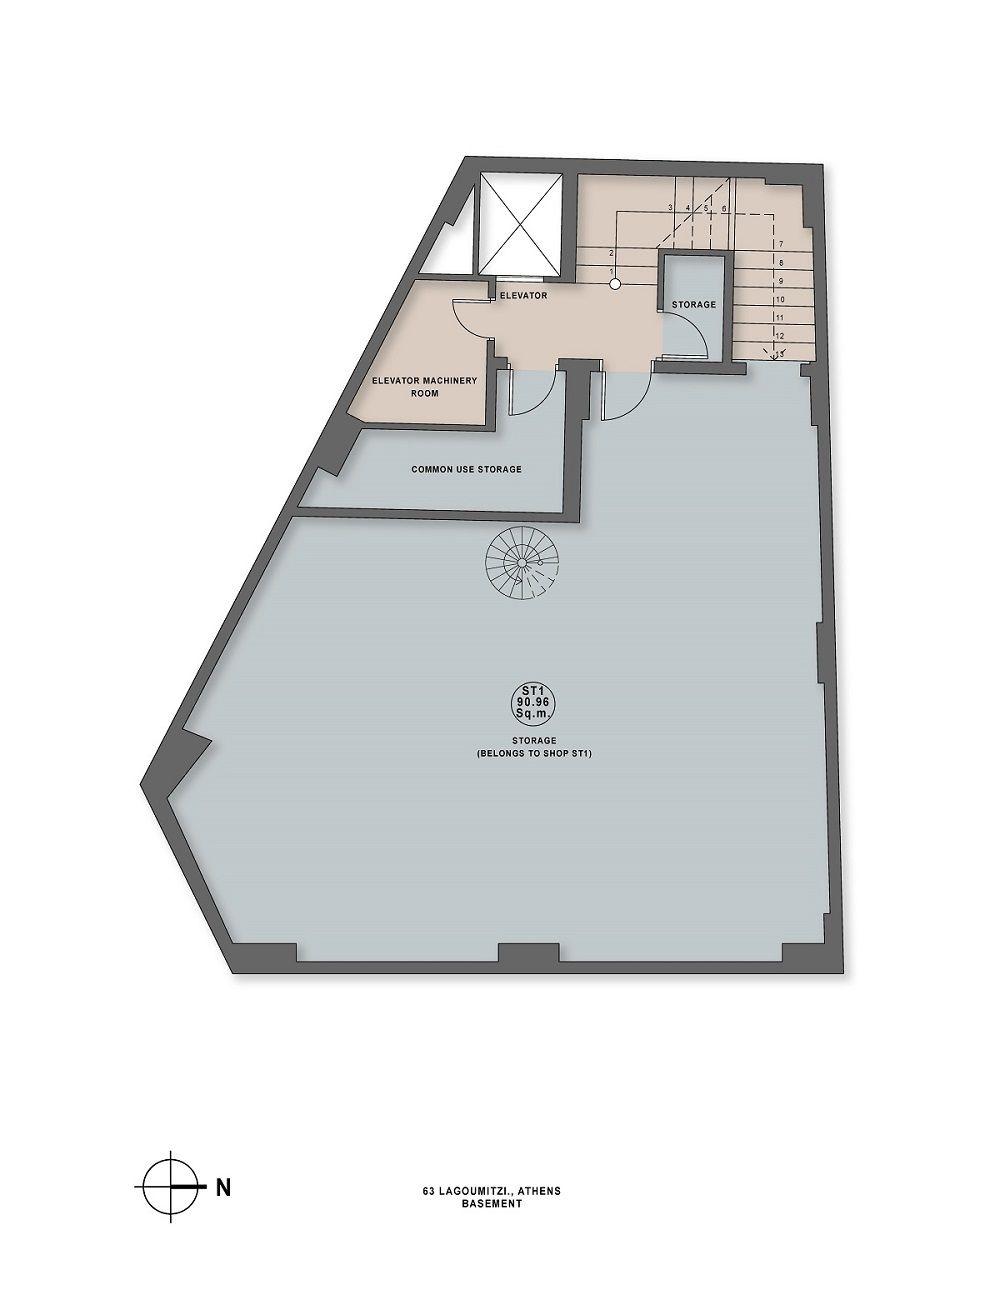 Lagoumitzi 63 basement plan